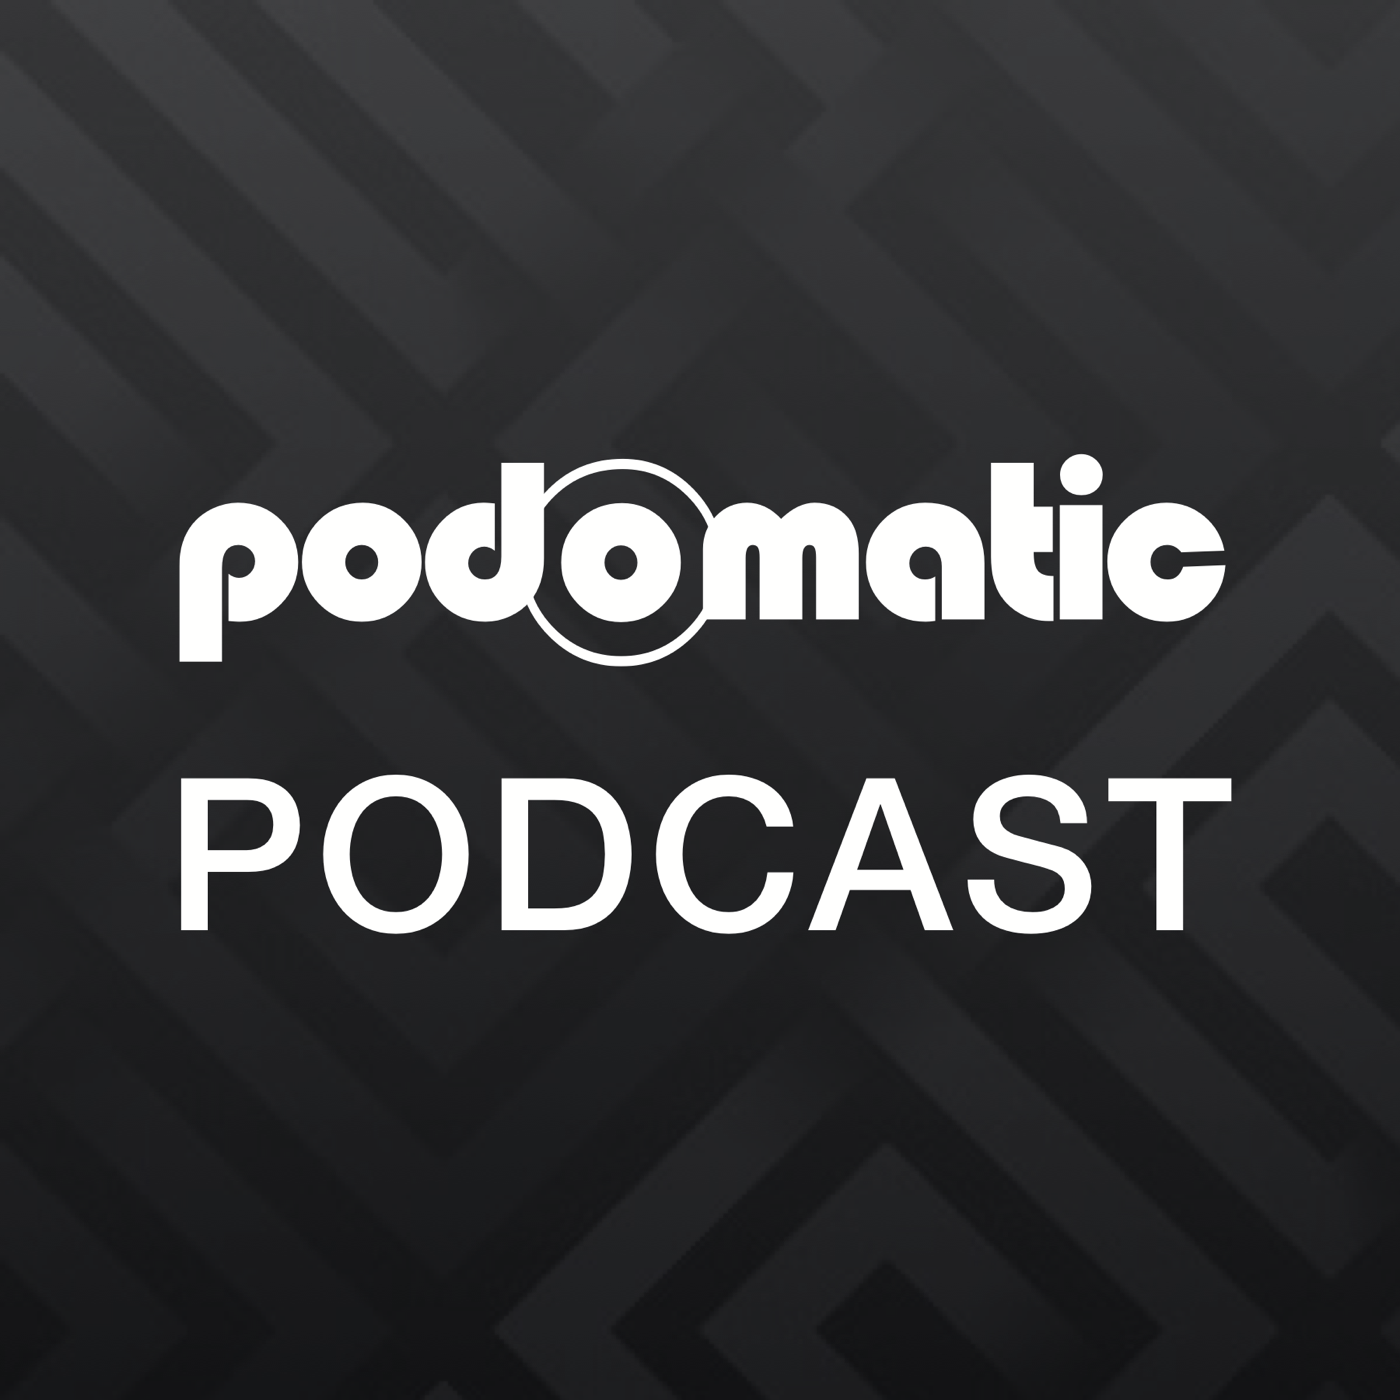 Dj Nando's Podcast